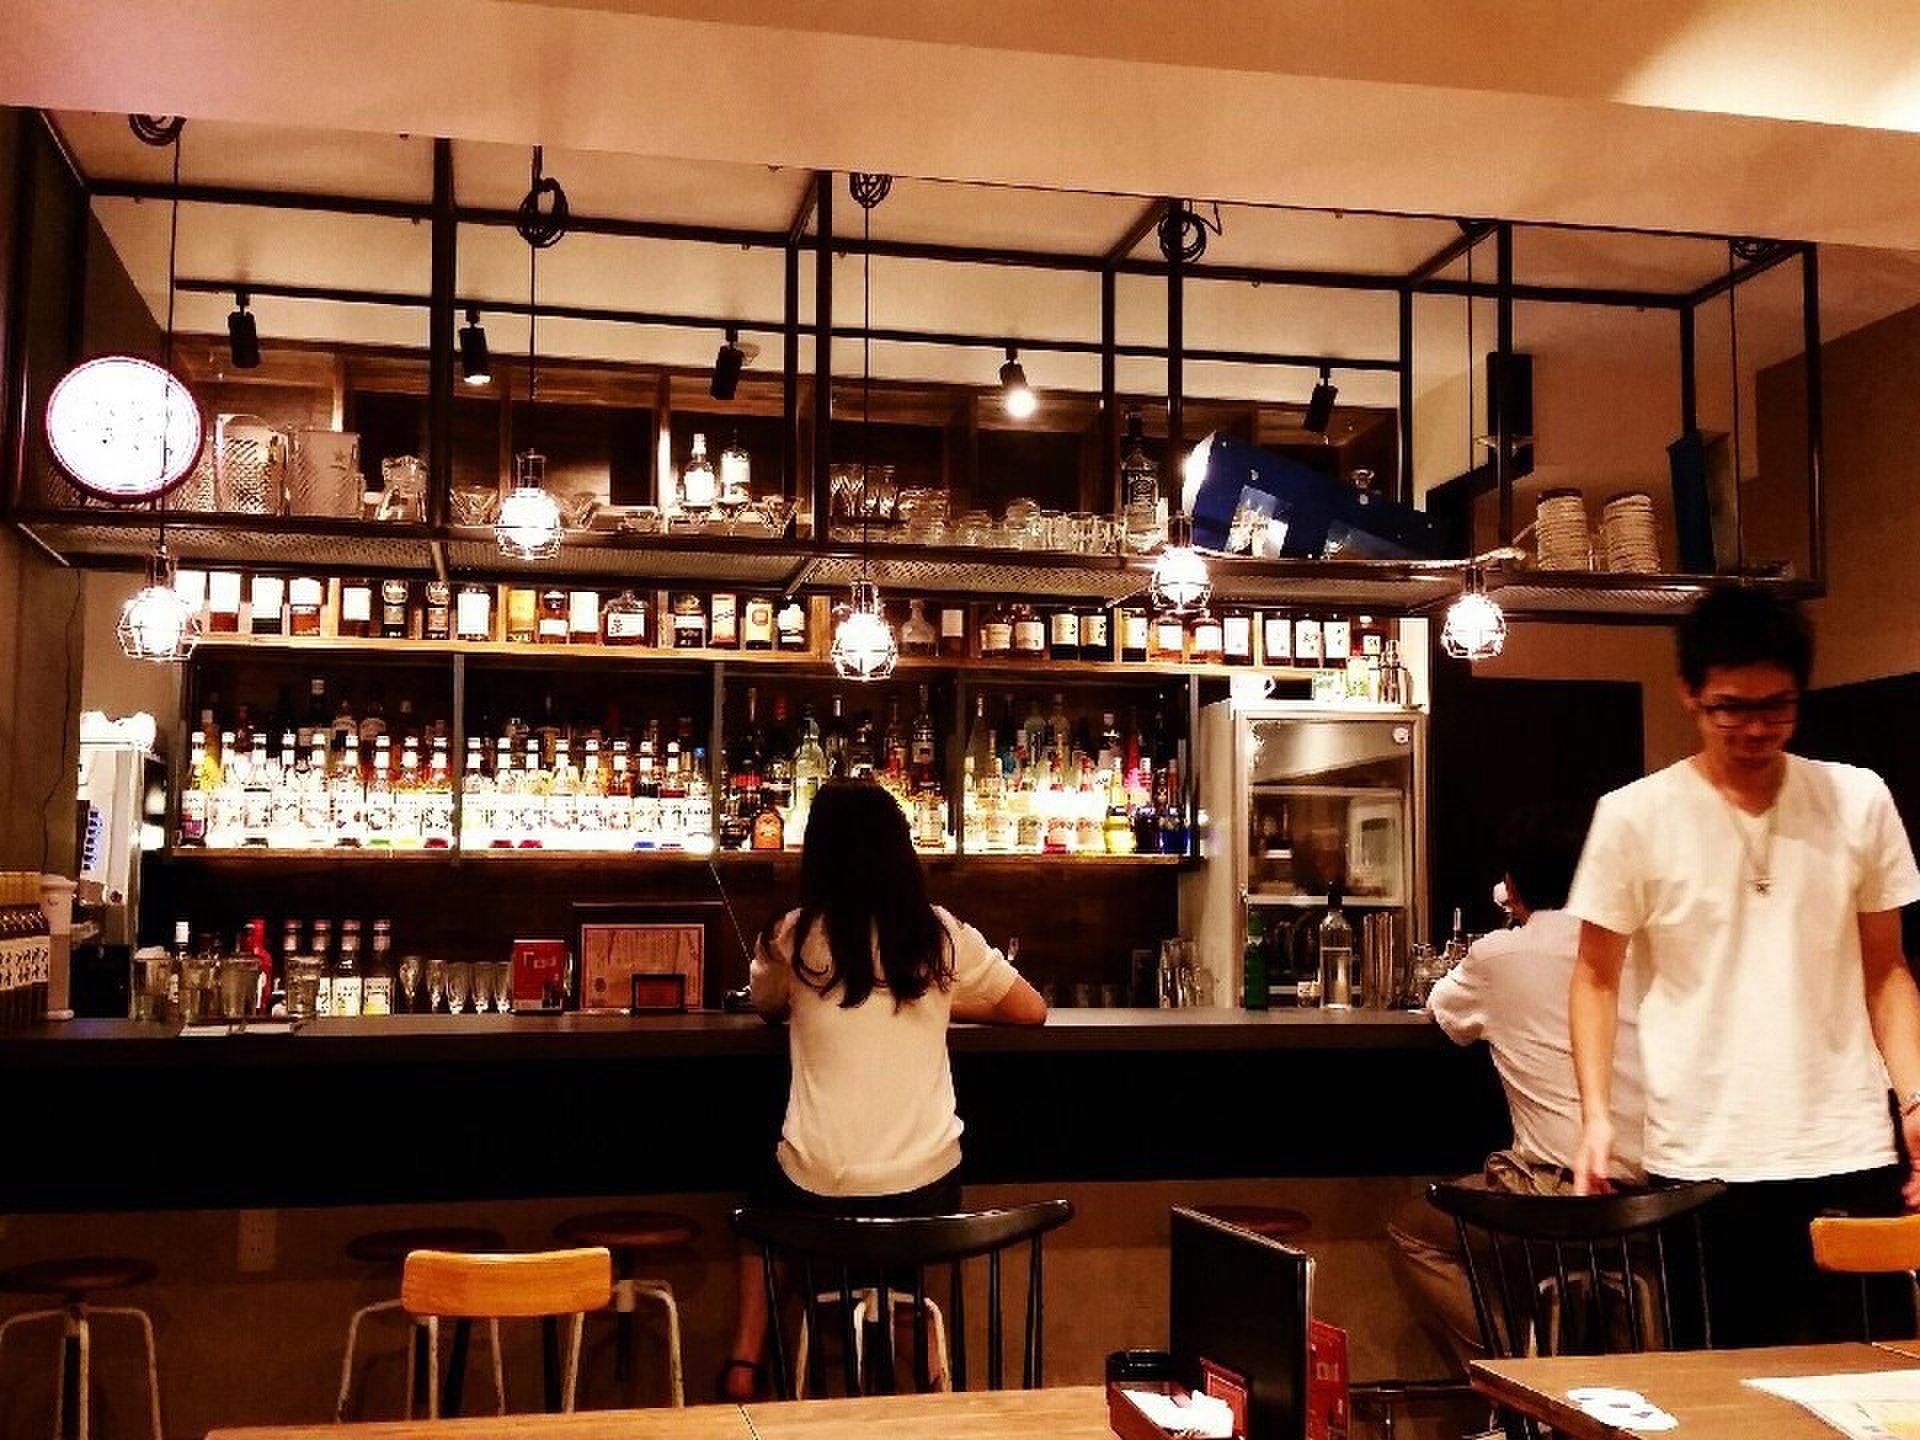 【渋谷×始発まで営業】これで終電を逃しても大丈夫!朝まで営業している渋谷カフェ6選!